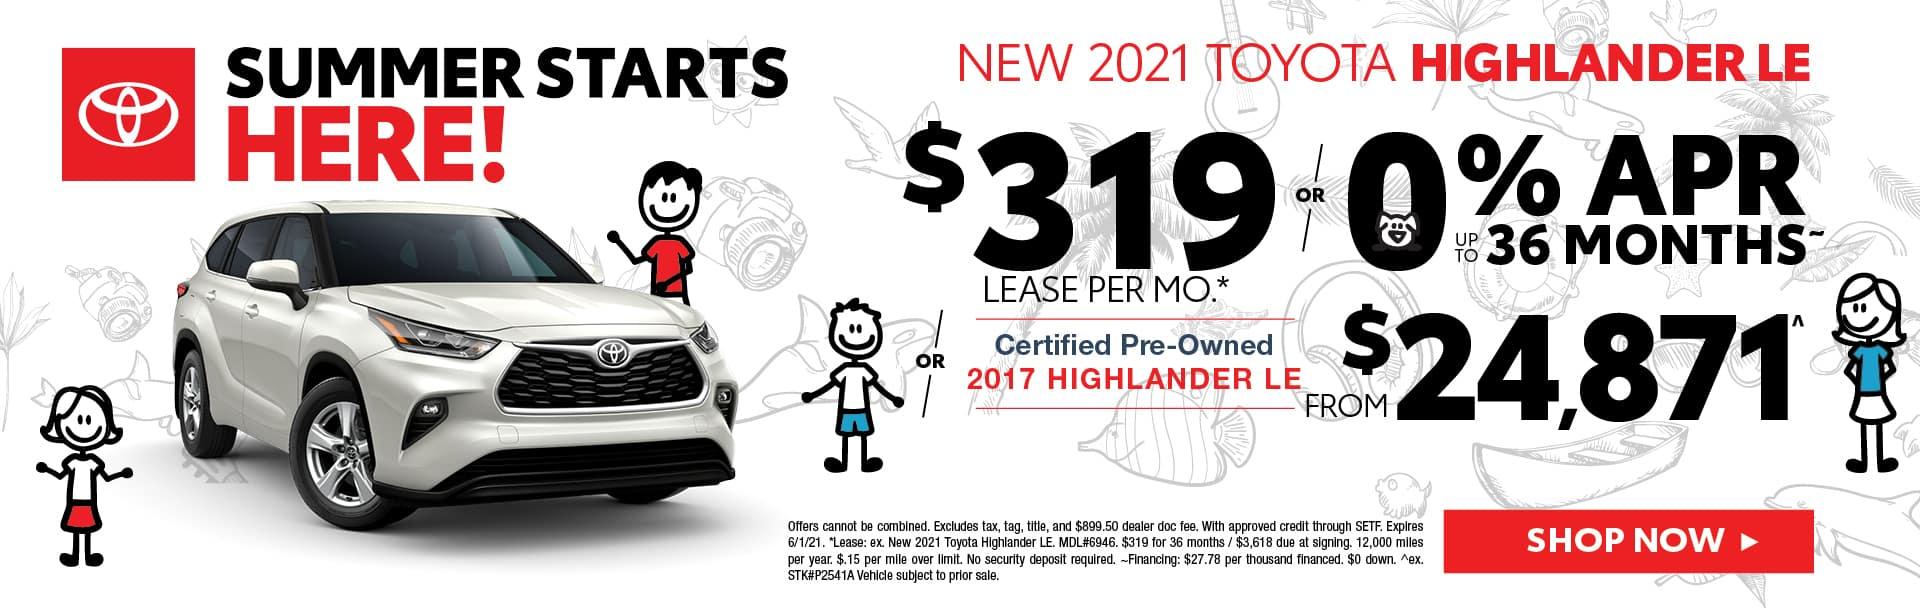 New Toyota Highlander